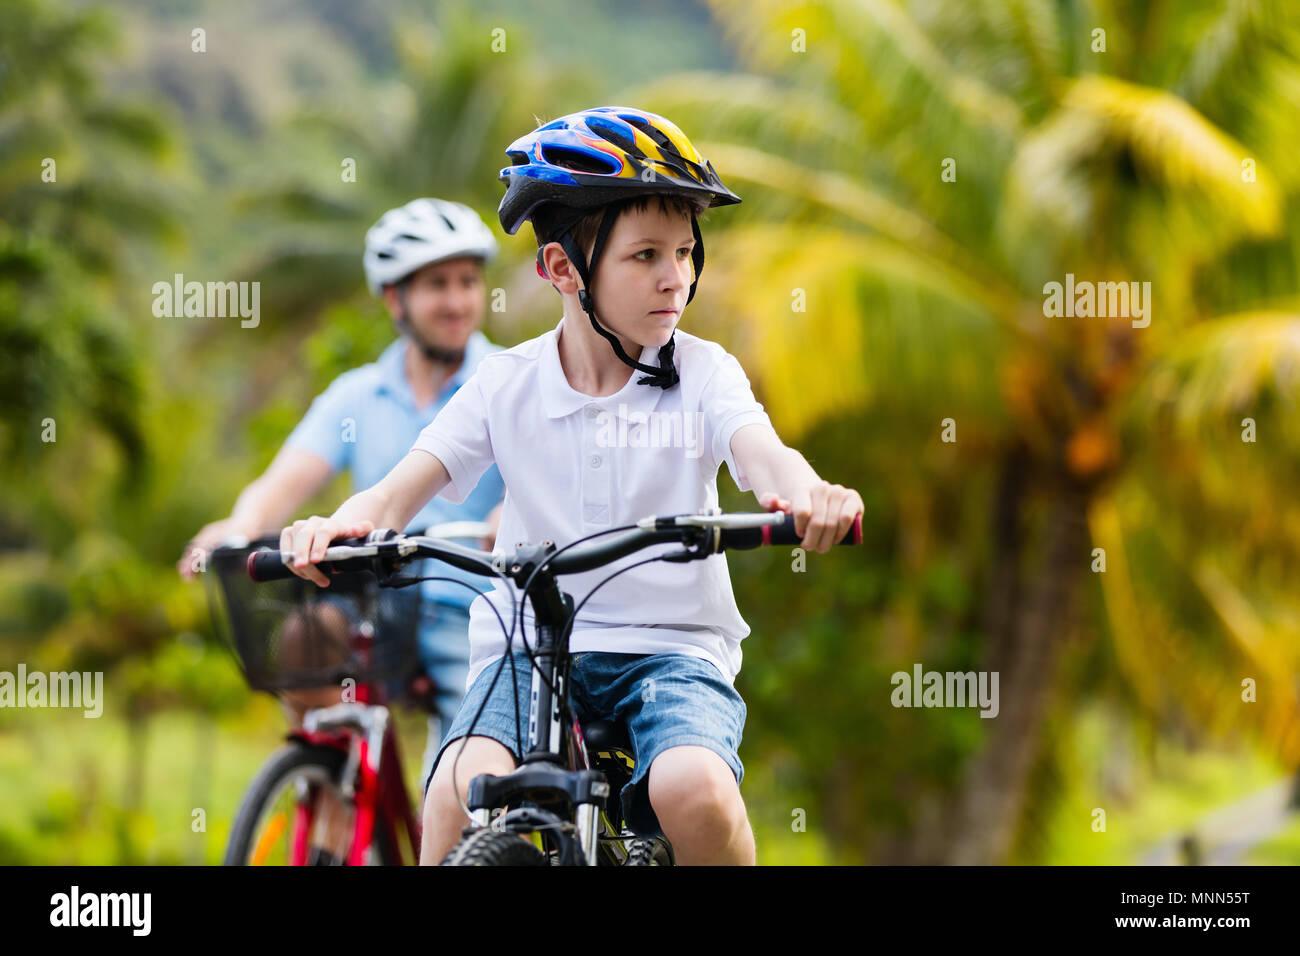 Familia de padre e hijo ciclismo en ambientes tropicales Imagen De Stock